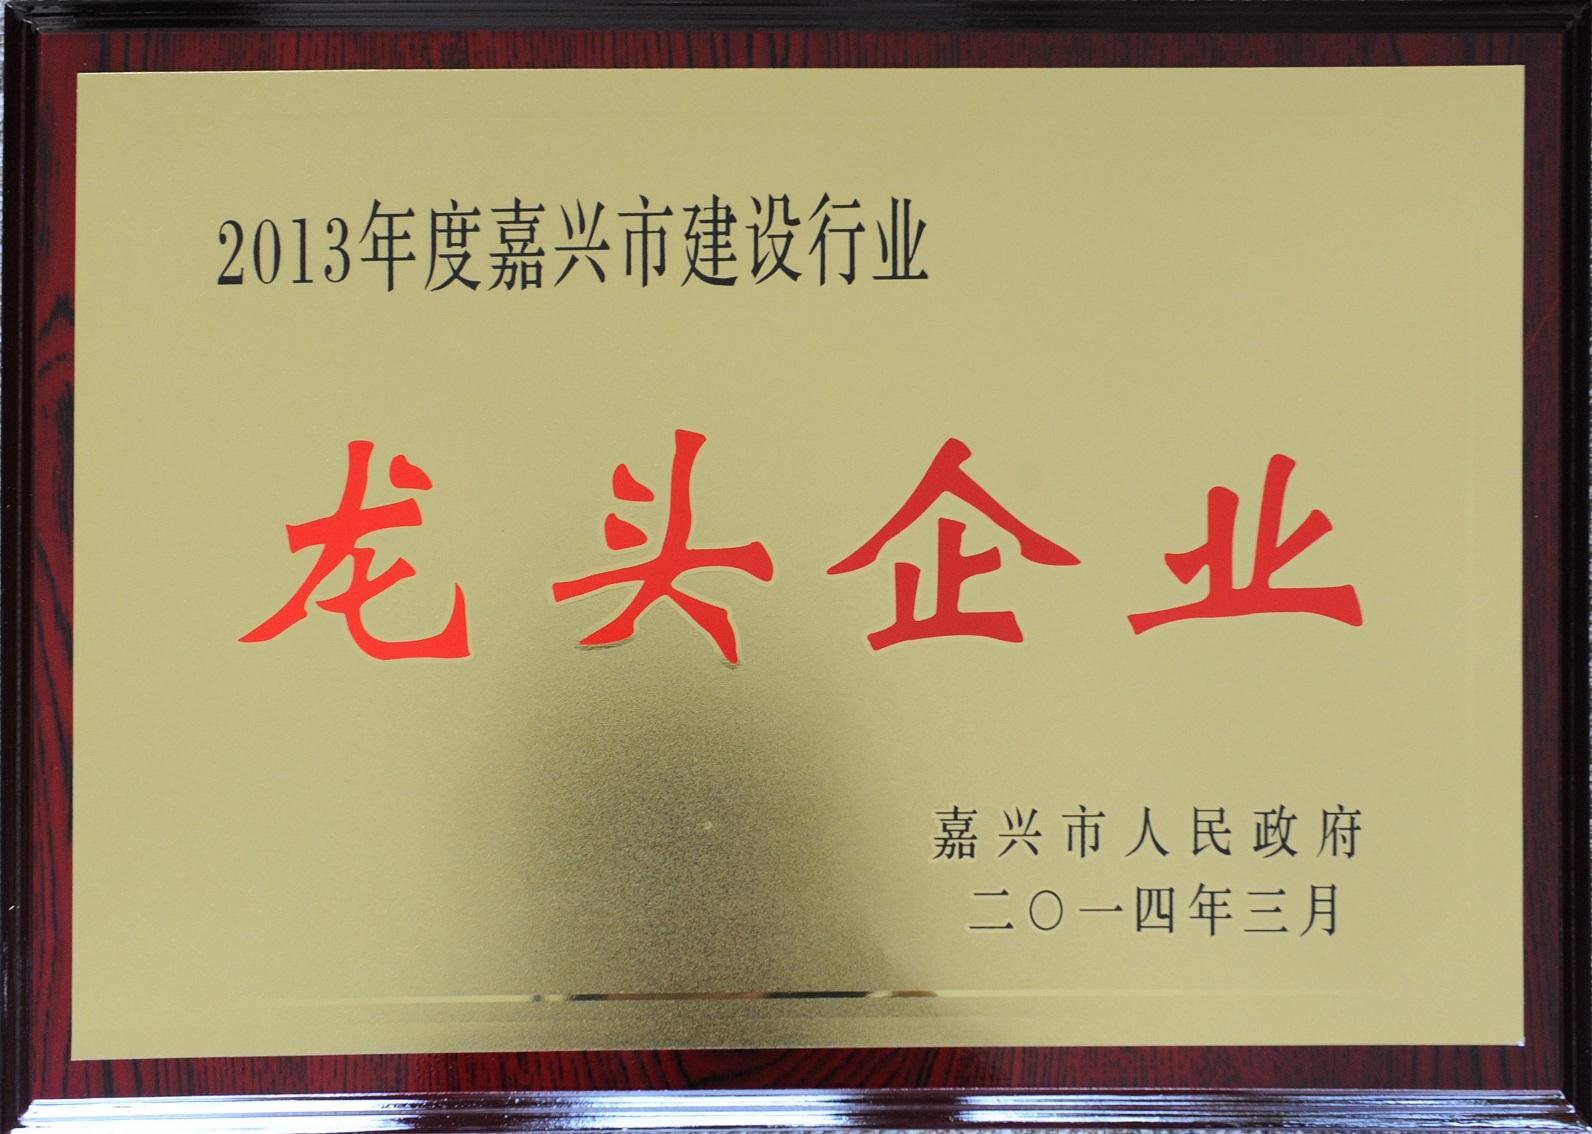 2013年度嘉兴建筑业龙头企业